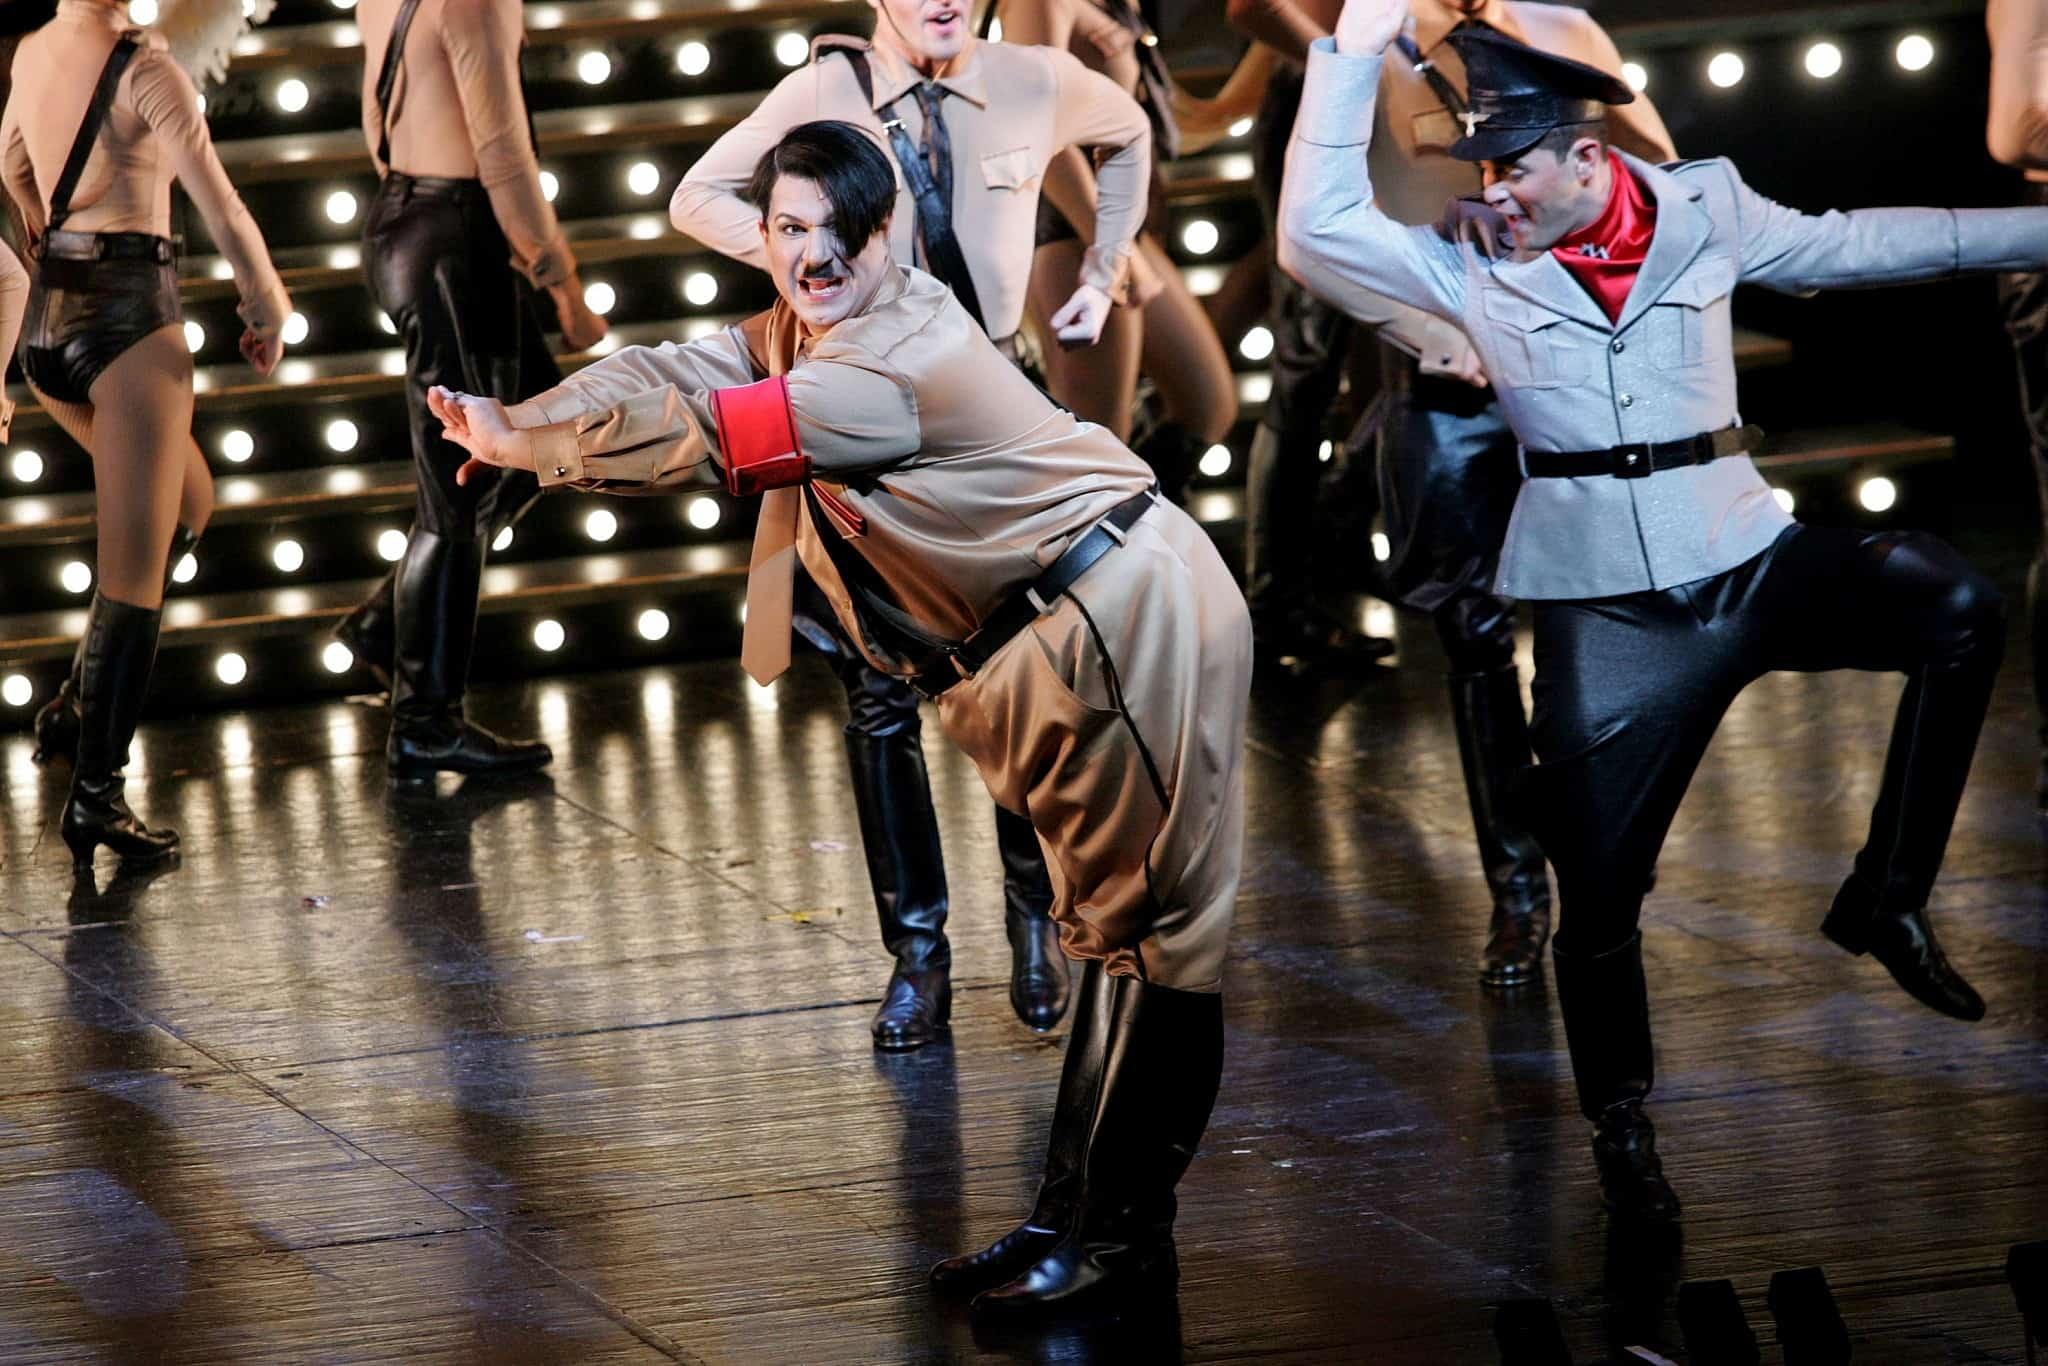 השחקן איציק כהן מגלם את דמותו של היטלר בתיאטרון, 2006 (צילום: Moshe Shai/FLASH90)